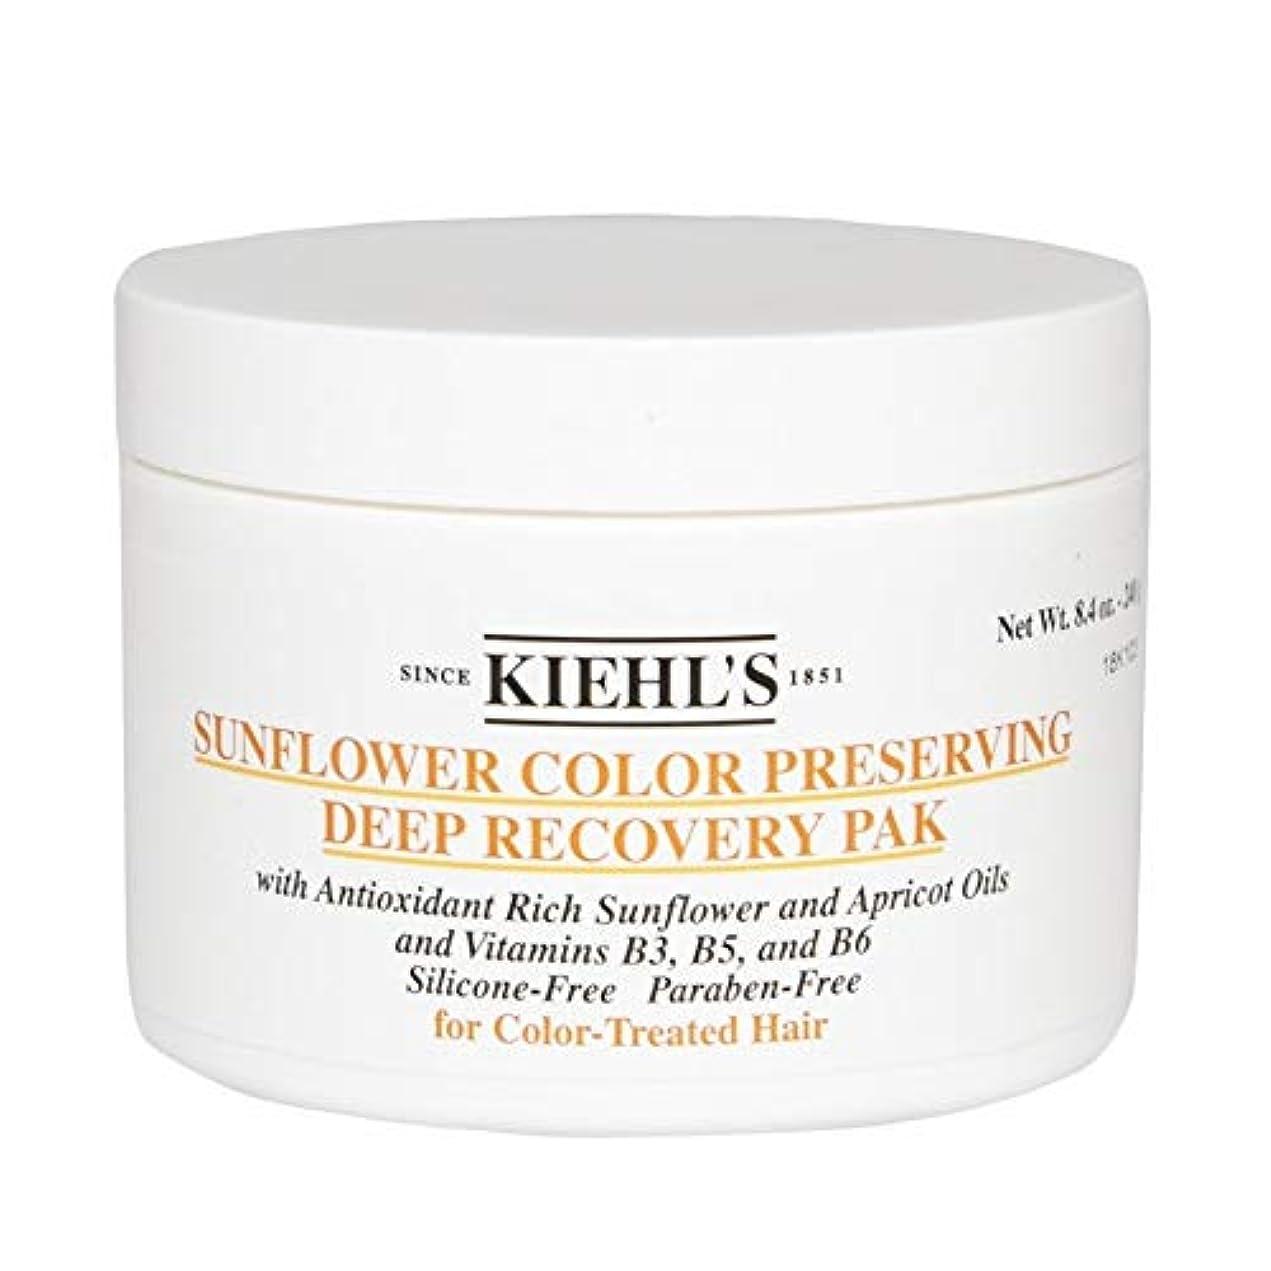 塗抹誓い服[Kiehl's ] キールズひまわり色保存深い回復Pak 250グラム - Kiehl's Sunflower Colour Preserving Deep Recovery Pak 250g [並行輸入品]